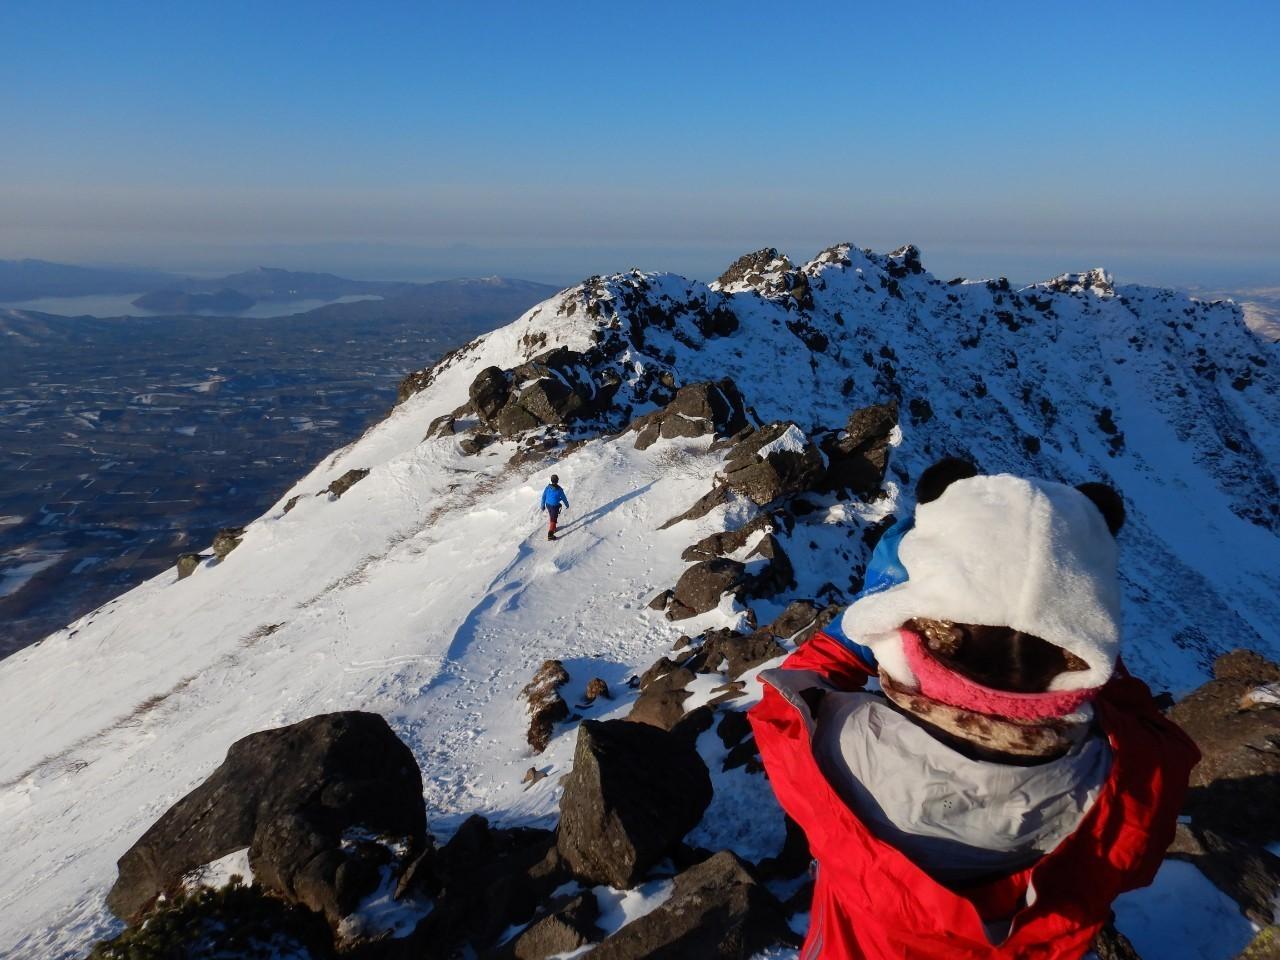 羊蹄山ご来光登山、2019.4.21ー同行者からの写真ー_f0138096_18205741.jpg